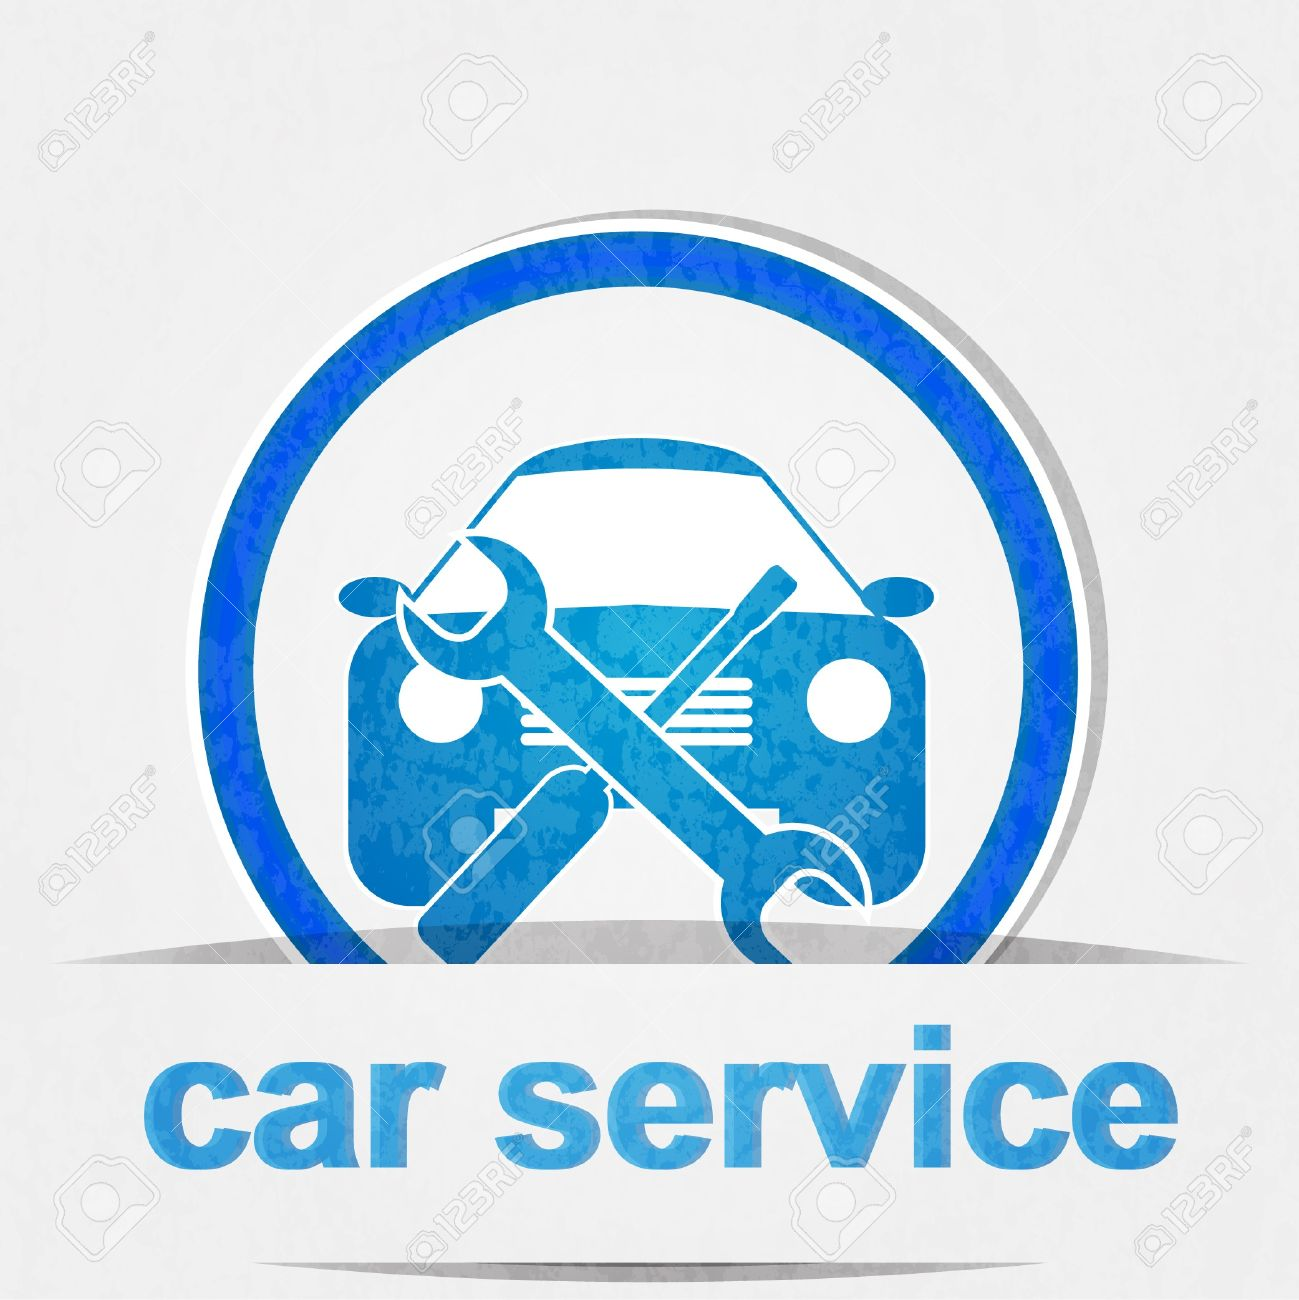 car service icon Stock Vector - 12983926